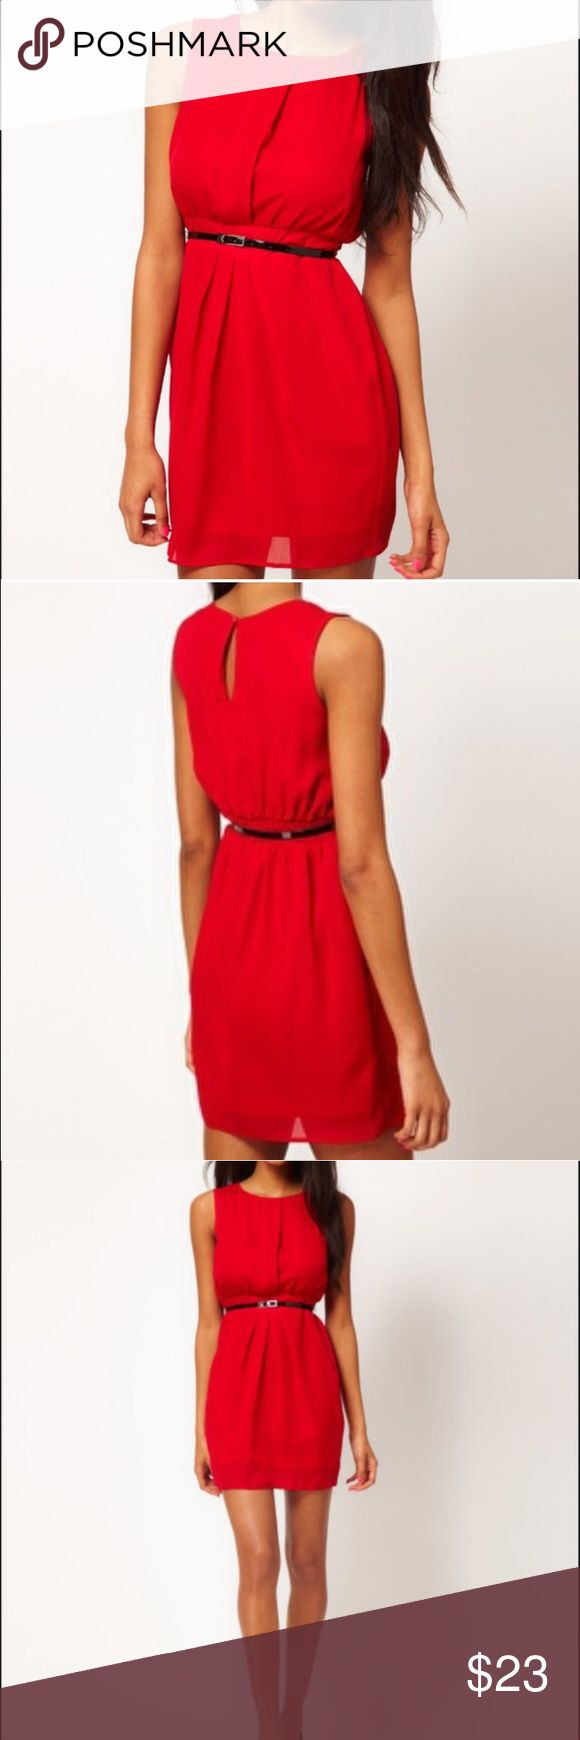 V neck red dress asos leather